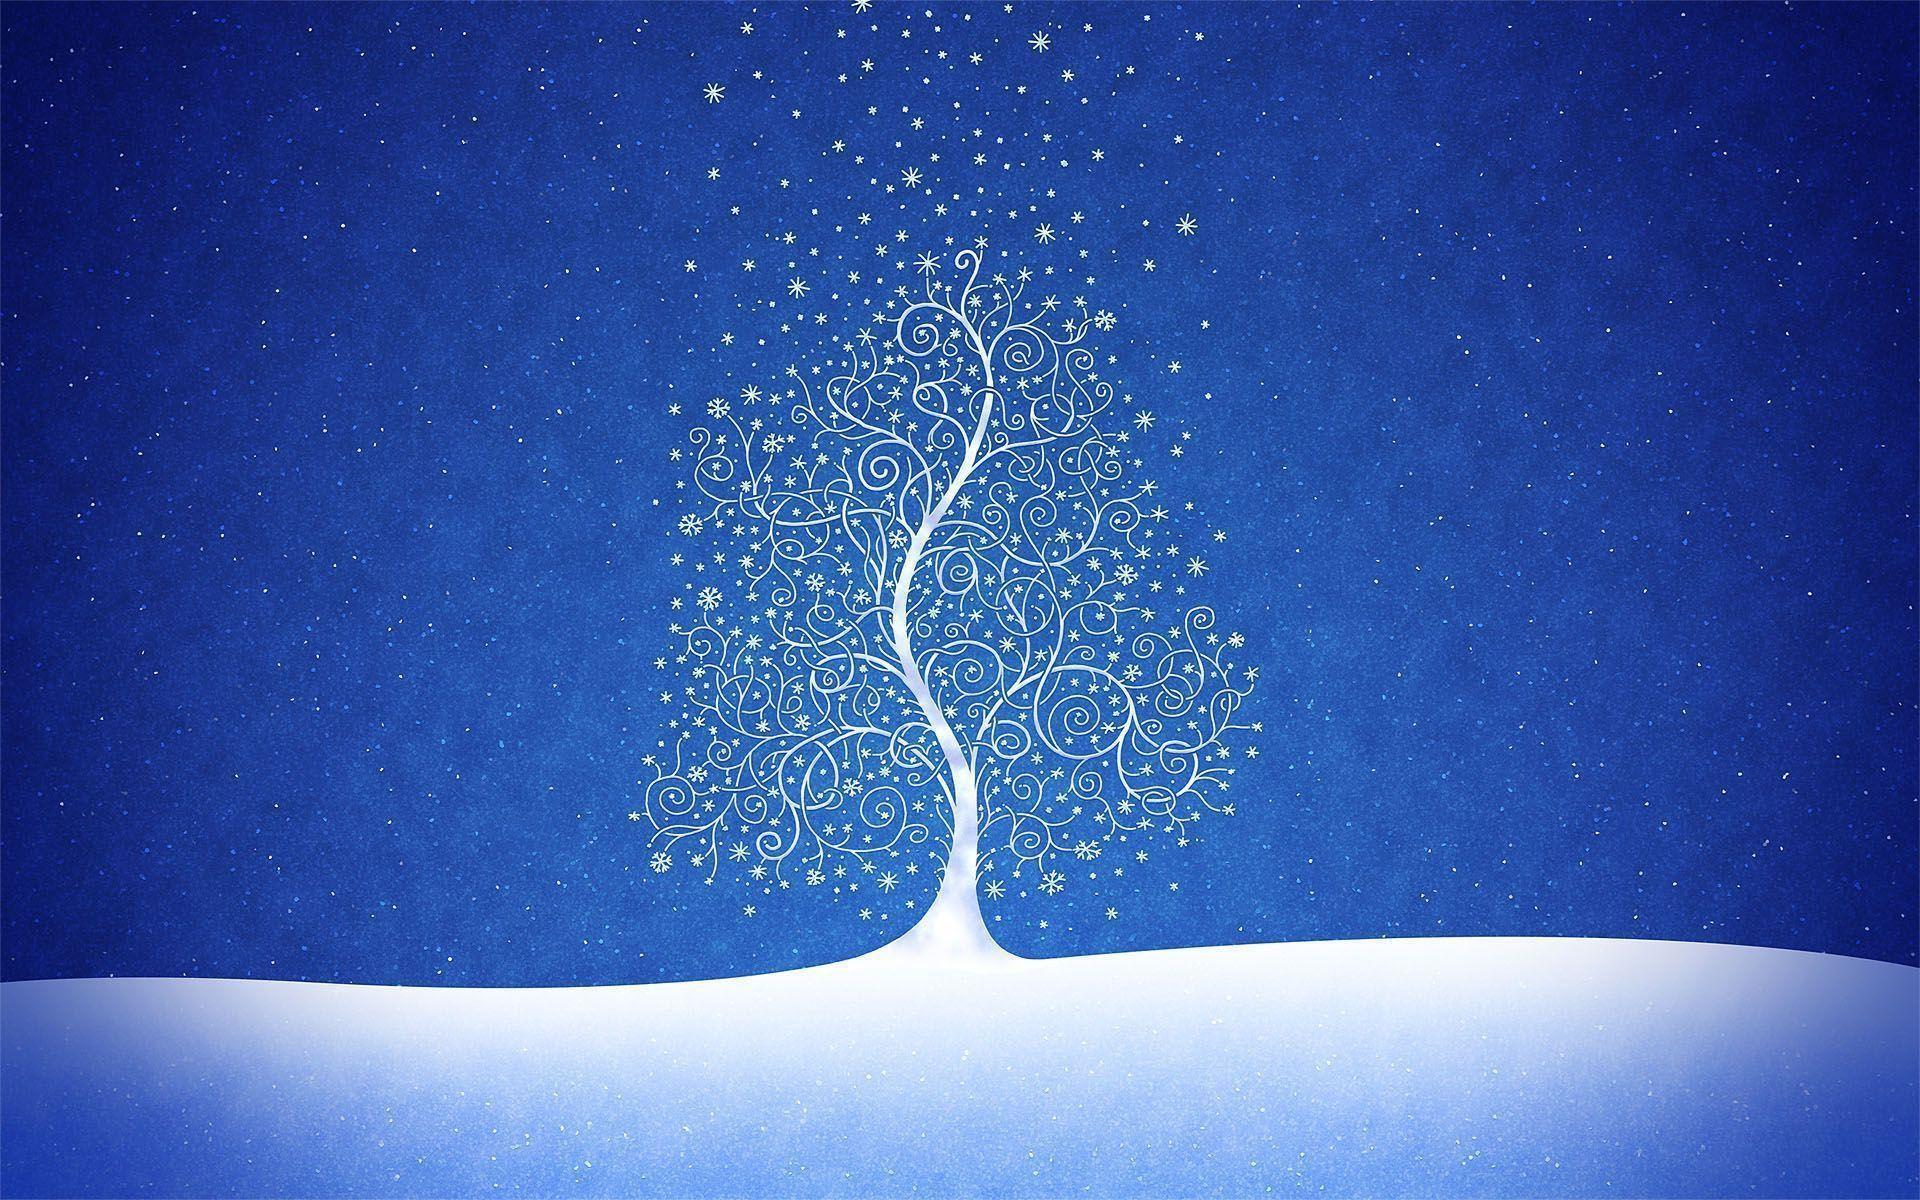 Snow Desktop Backgrounds | Winter Snow Desktop Wallpapers .